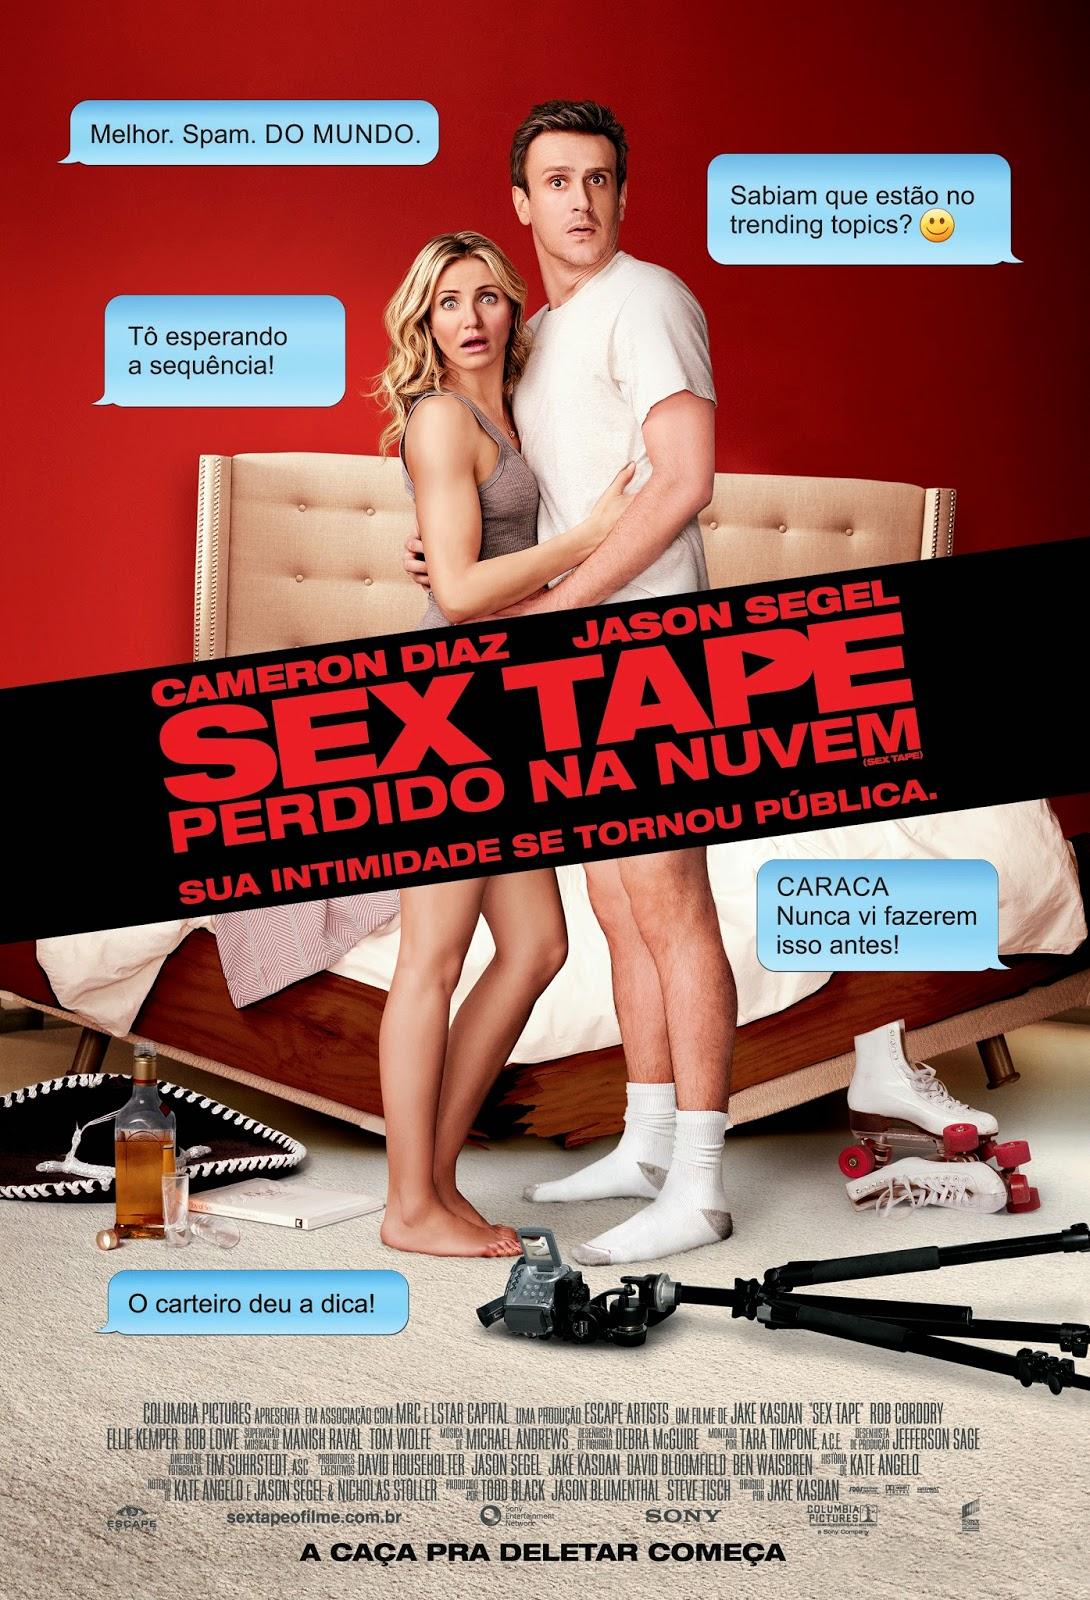 Resenha - Filme Sex Tape: Perdido na nuvem